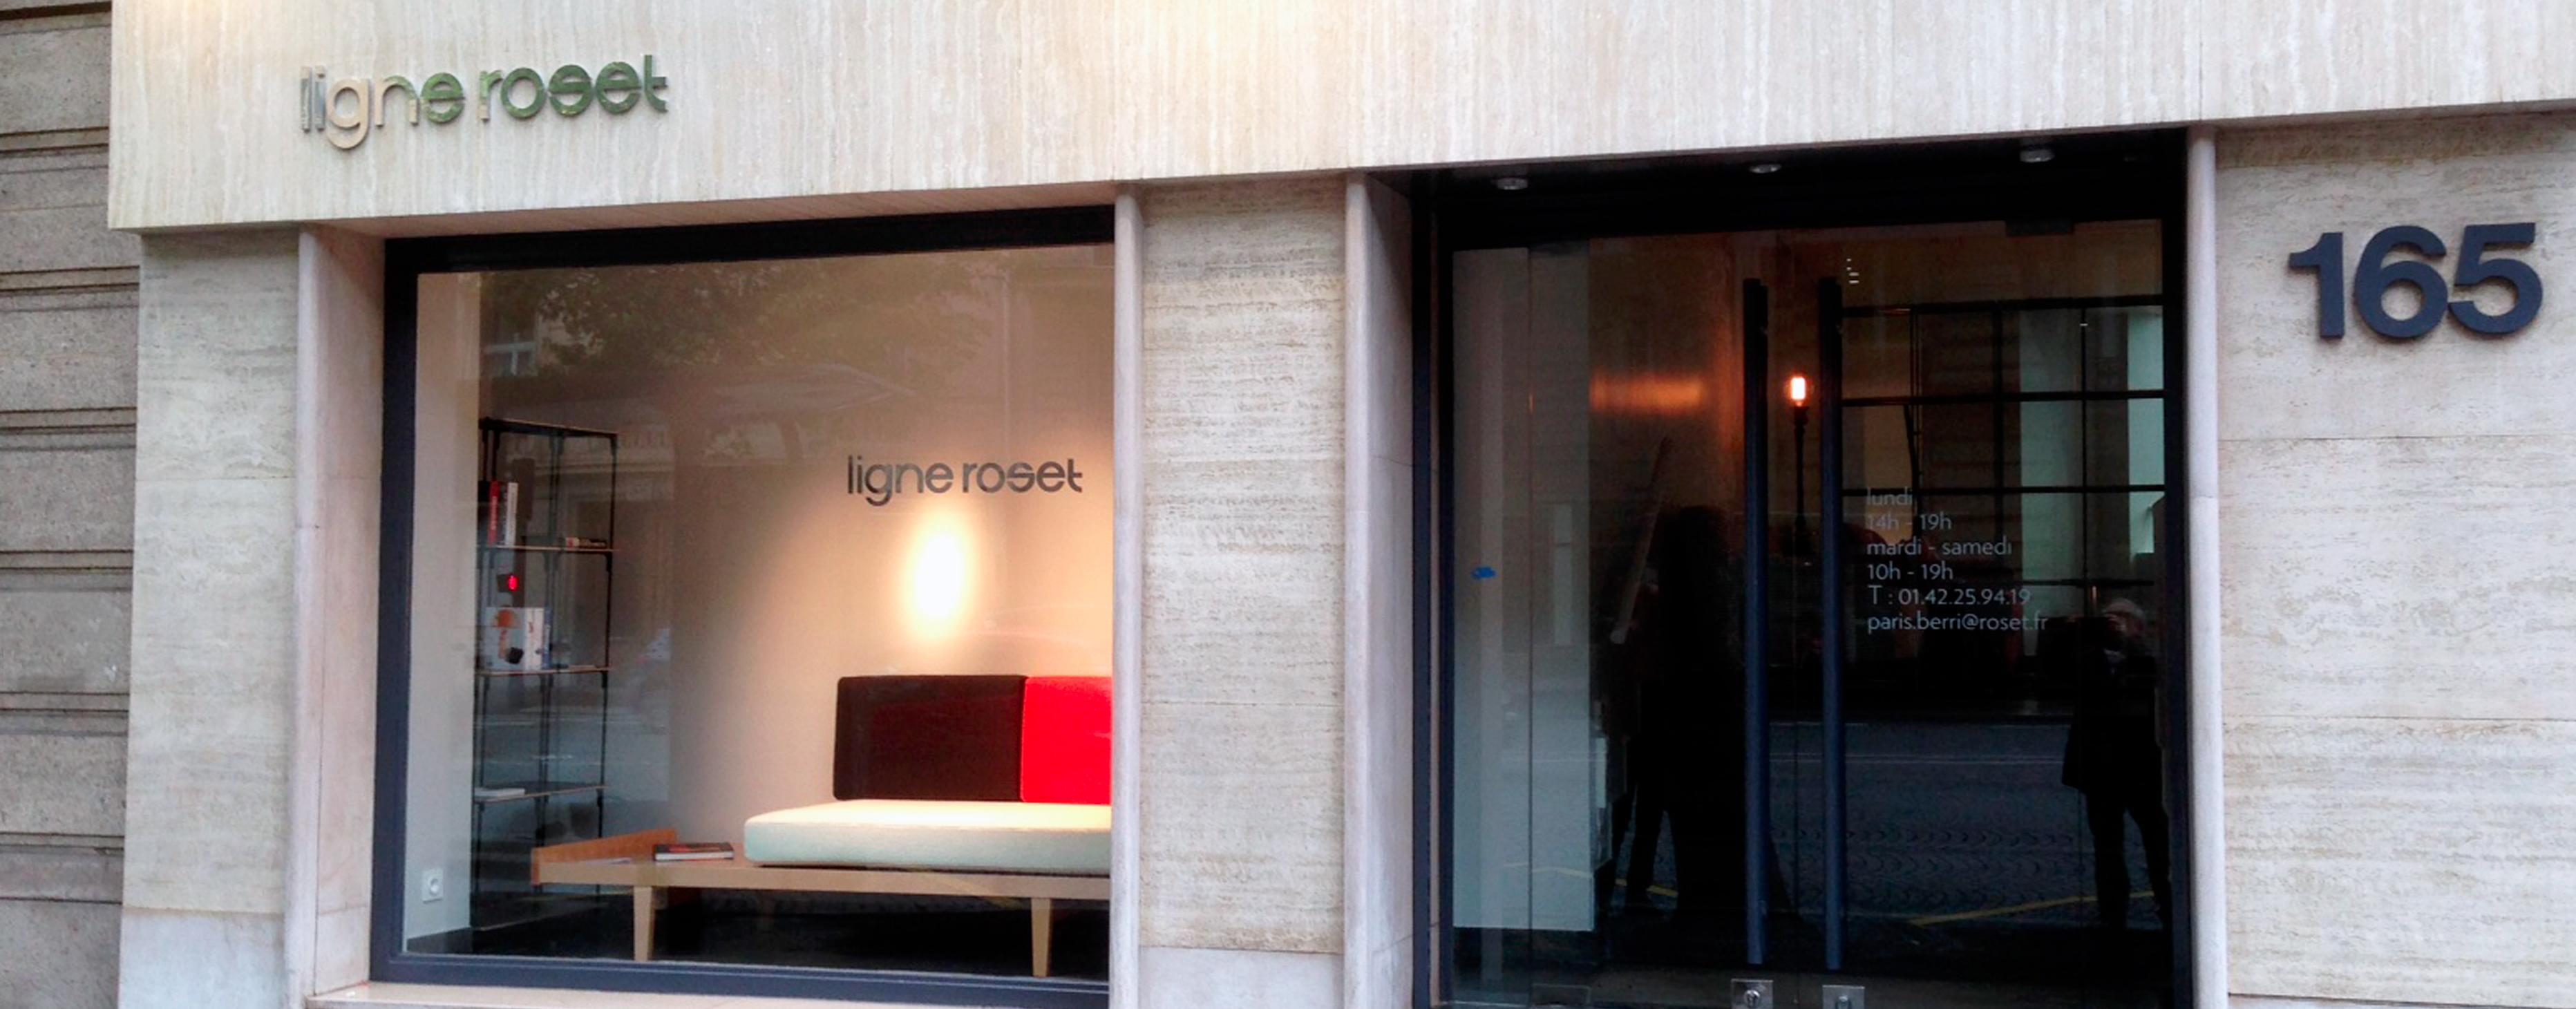 Nouveau magasin rue de Berri Paris 8ème Ligne Roset